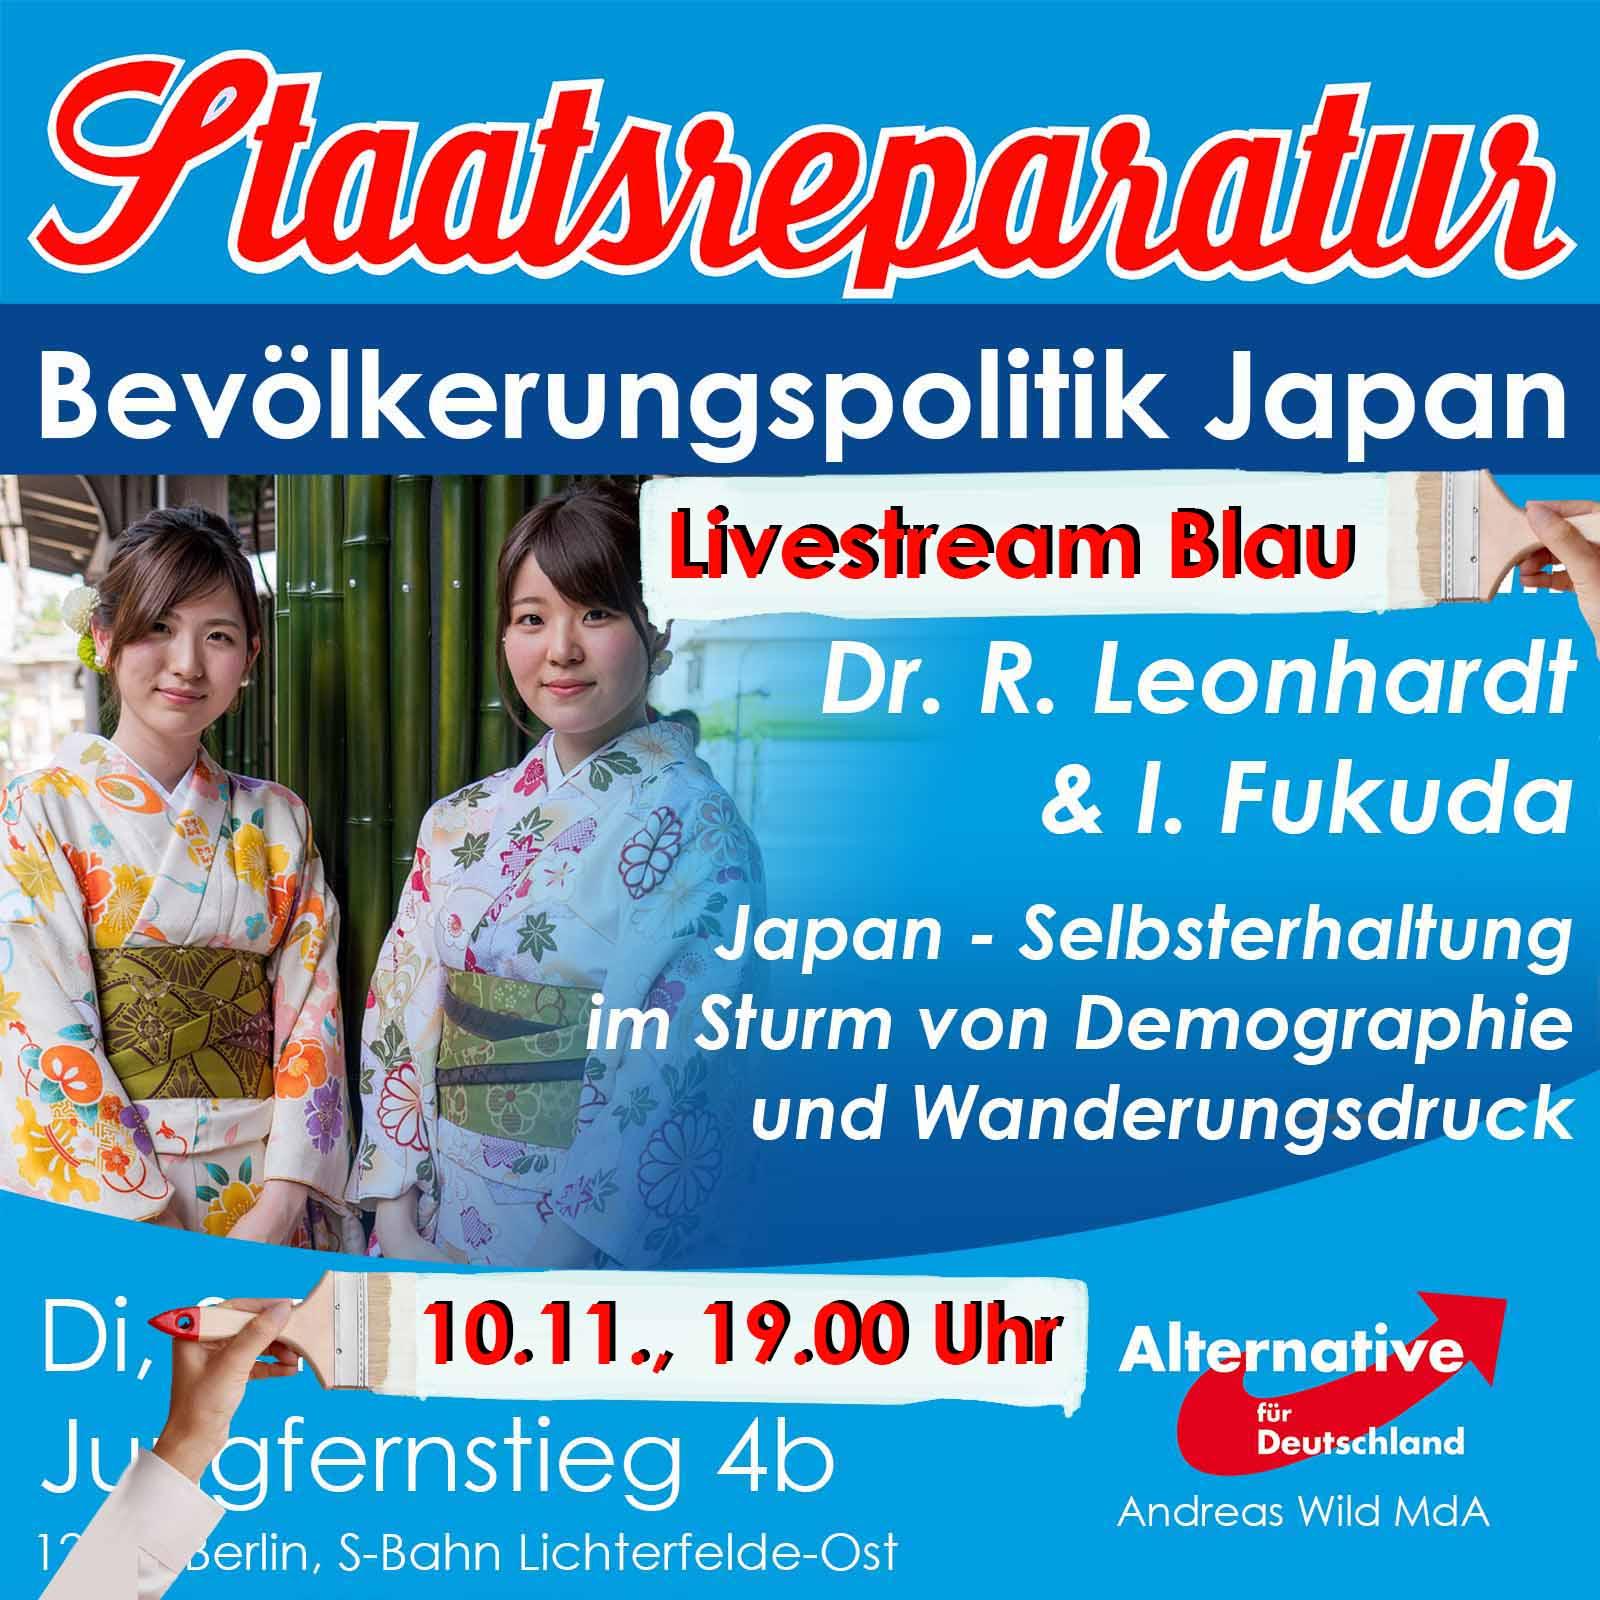 Blauer Dialog mit Dr. R. Leonhardt und I. Fukuda: Japan – Selbsterhaltung im Sturm von Demographie und Wanderungsdruck